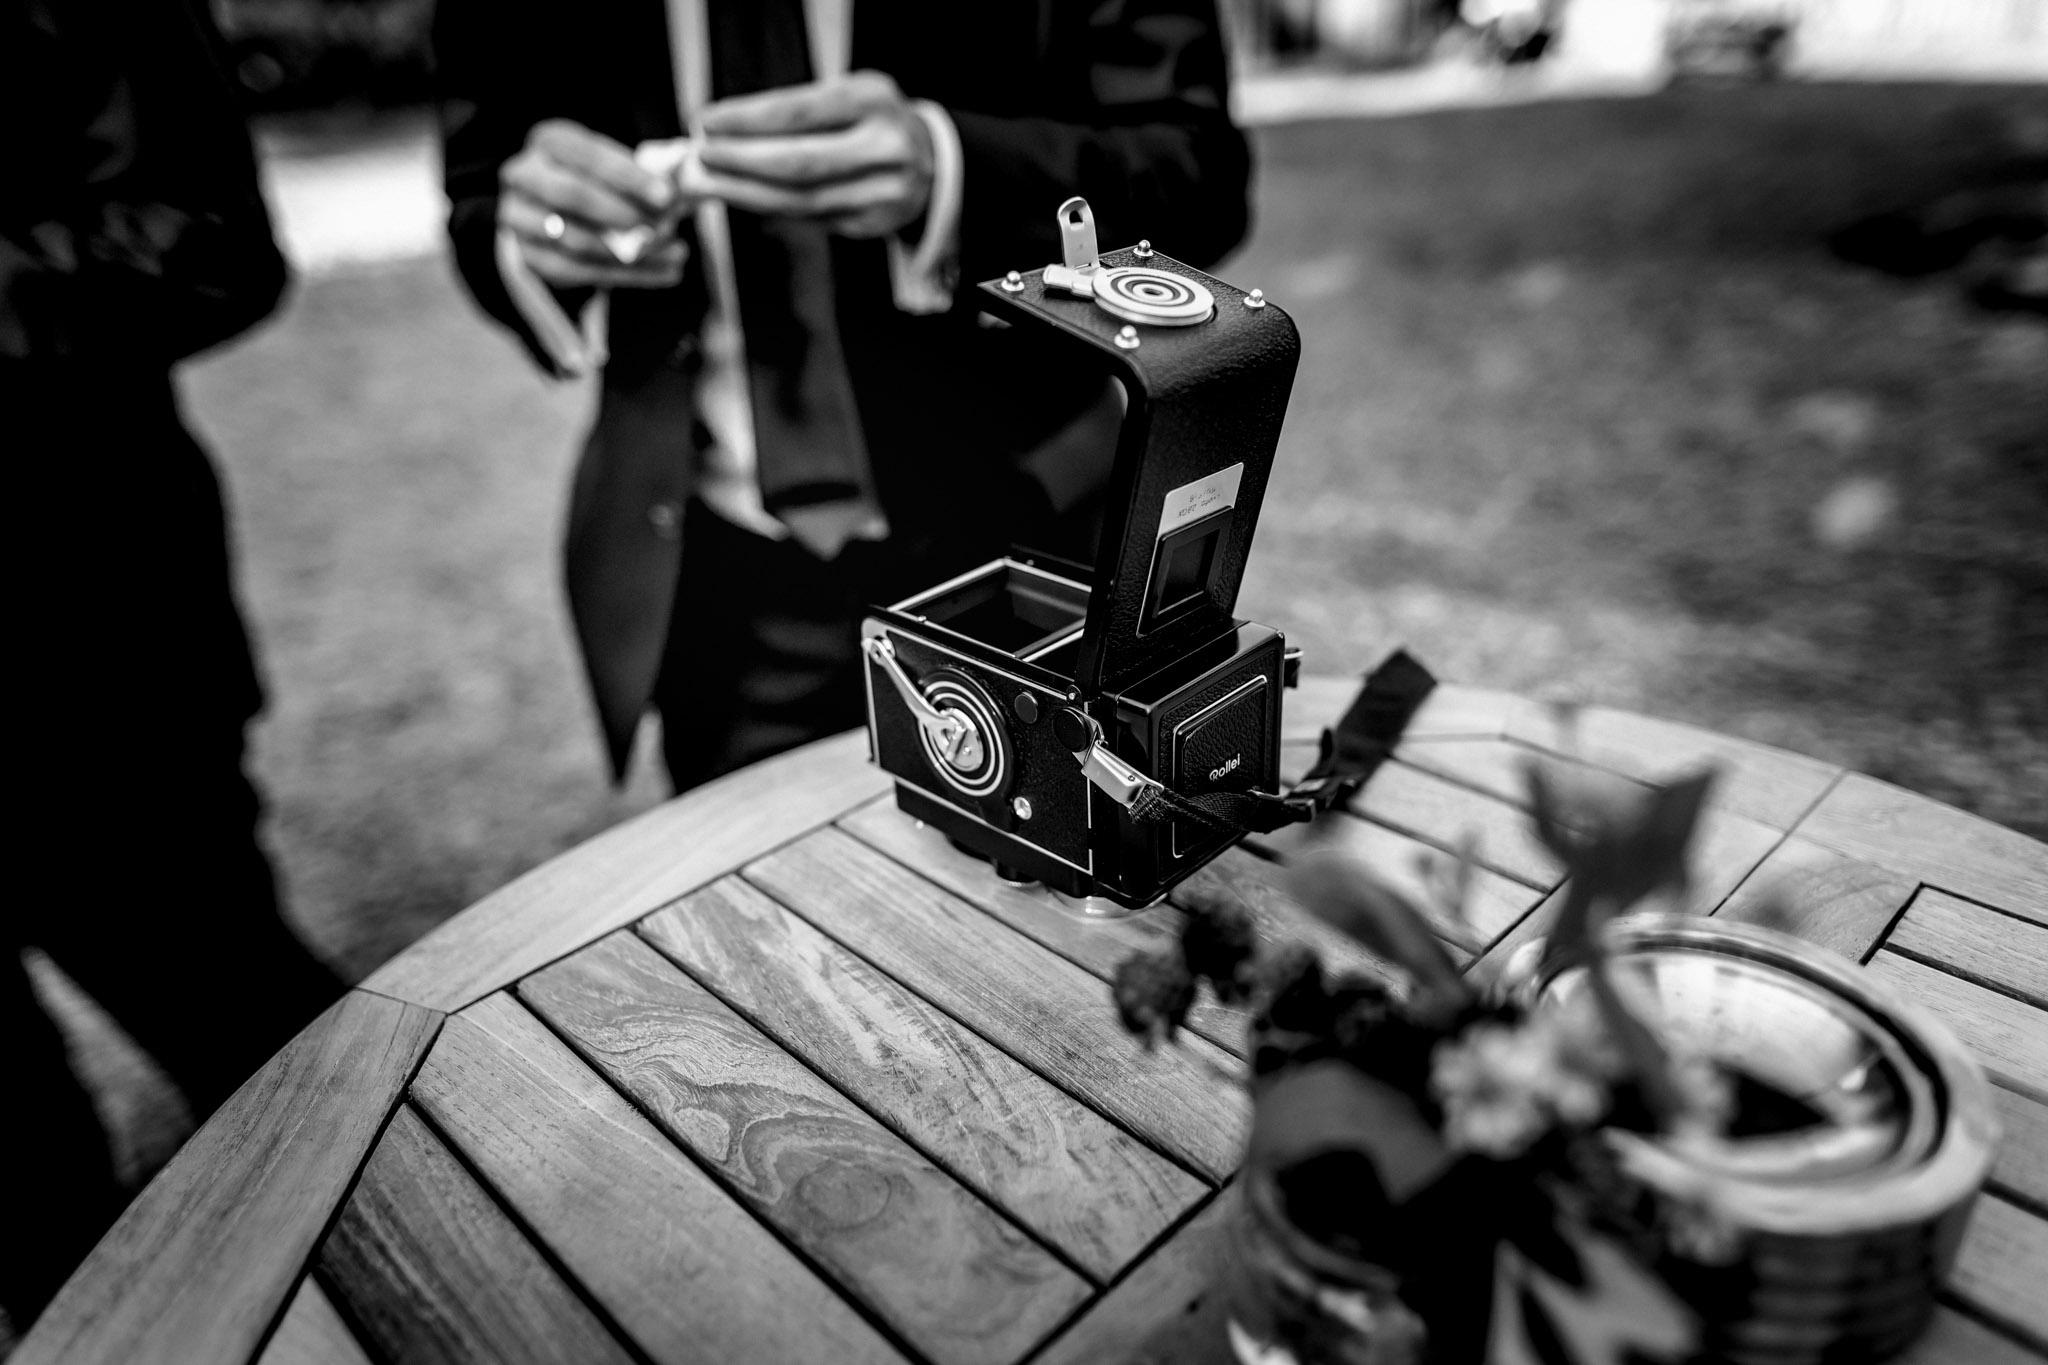 Sven Schomburg Hochzeitsfotografie, Hamburg, Mölln, Hochzeitsfieber by Photo-Schomburg, Hochzeitsreportage, Forsthaus Waldhusen, Braut, Bräutigam-62